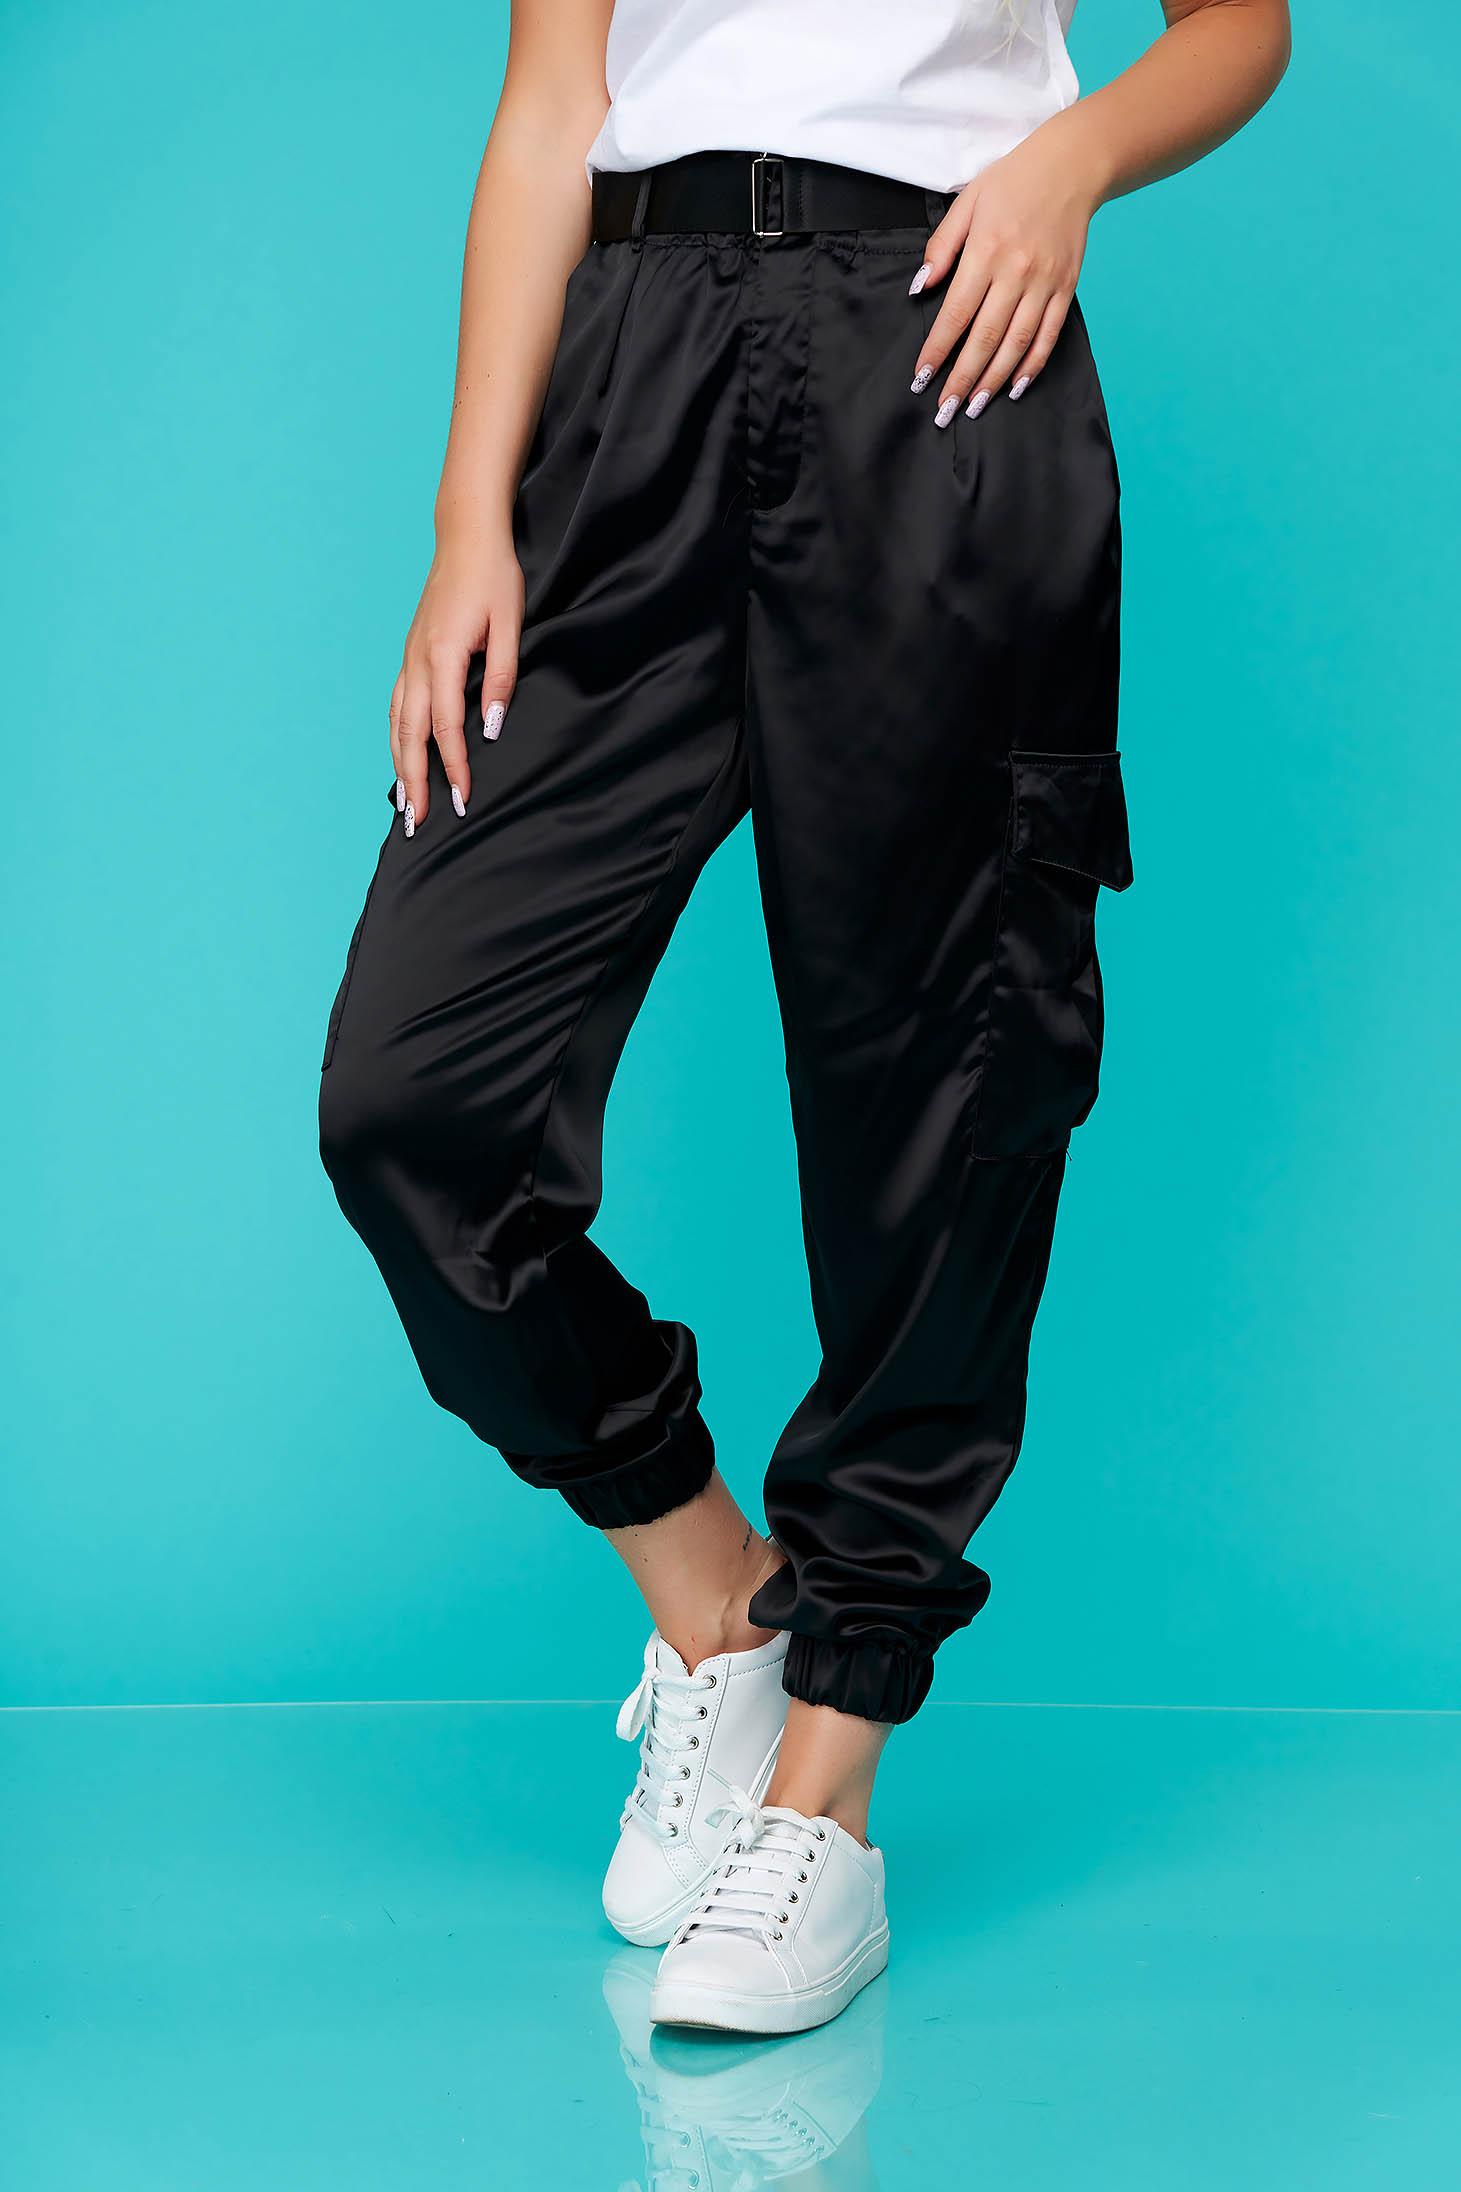 Fekete casual kónikus nadrág szaténból zsebekkal öv típusú kiegészítővel